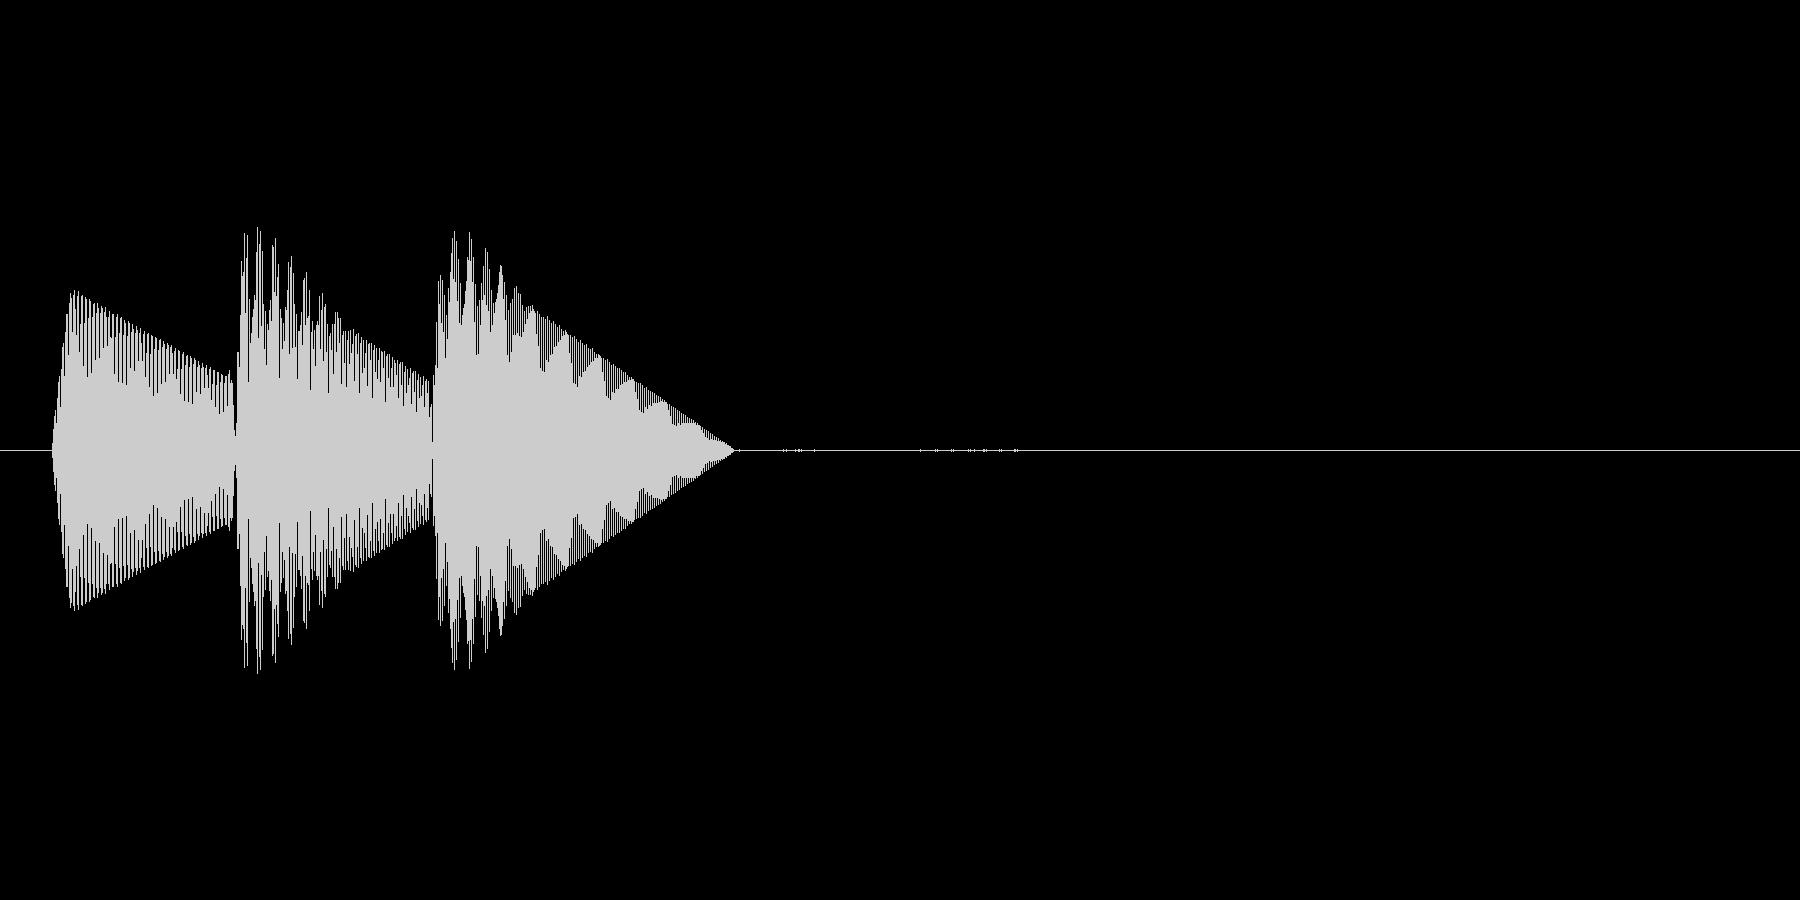 8bitのシステム音ピロン↑低音の未再生の波形